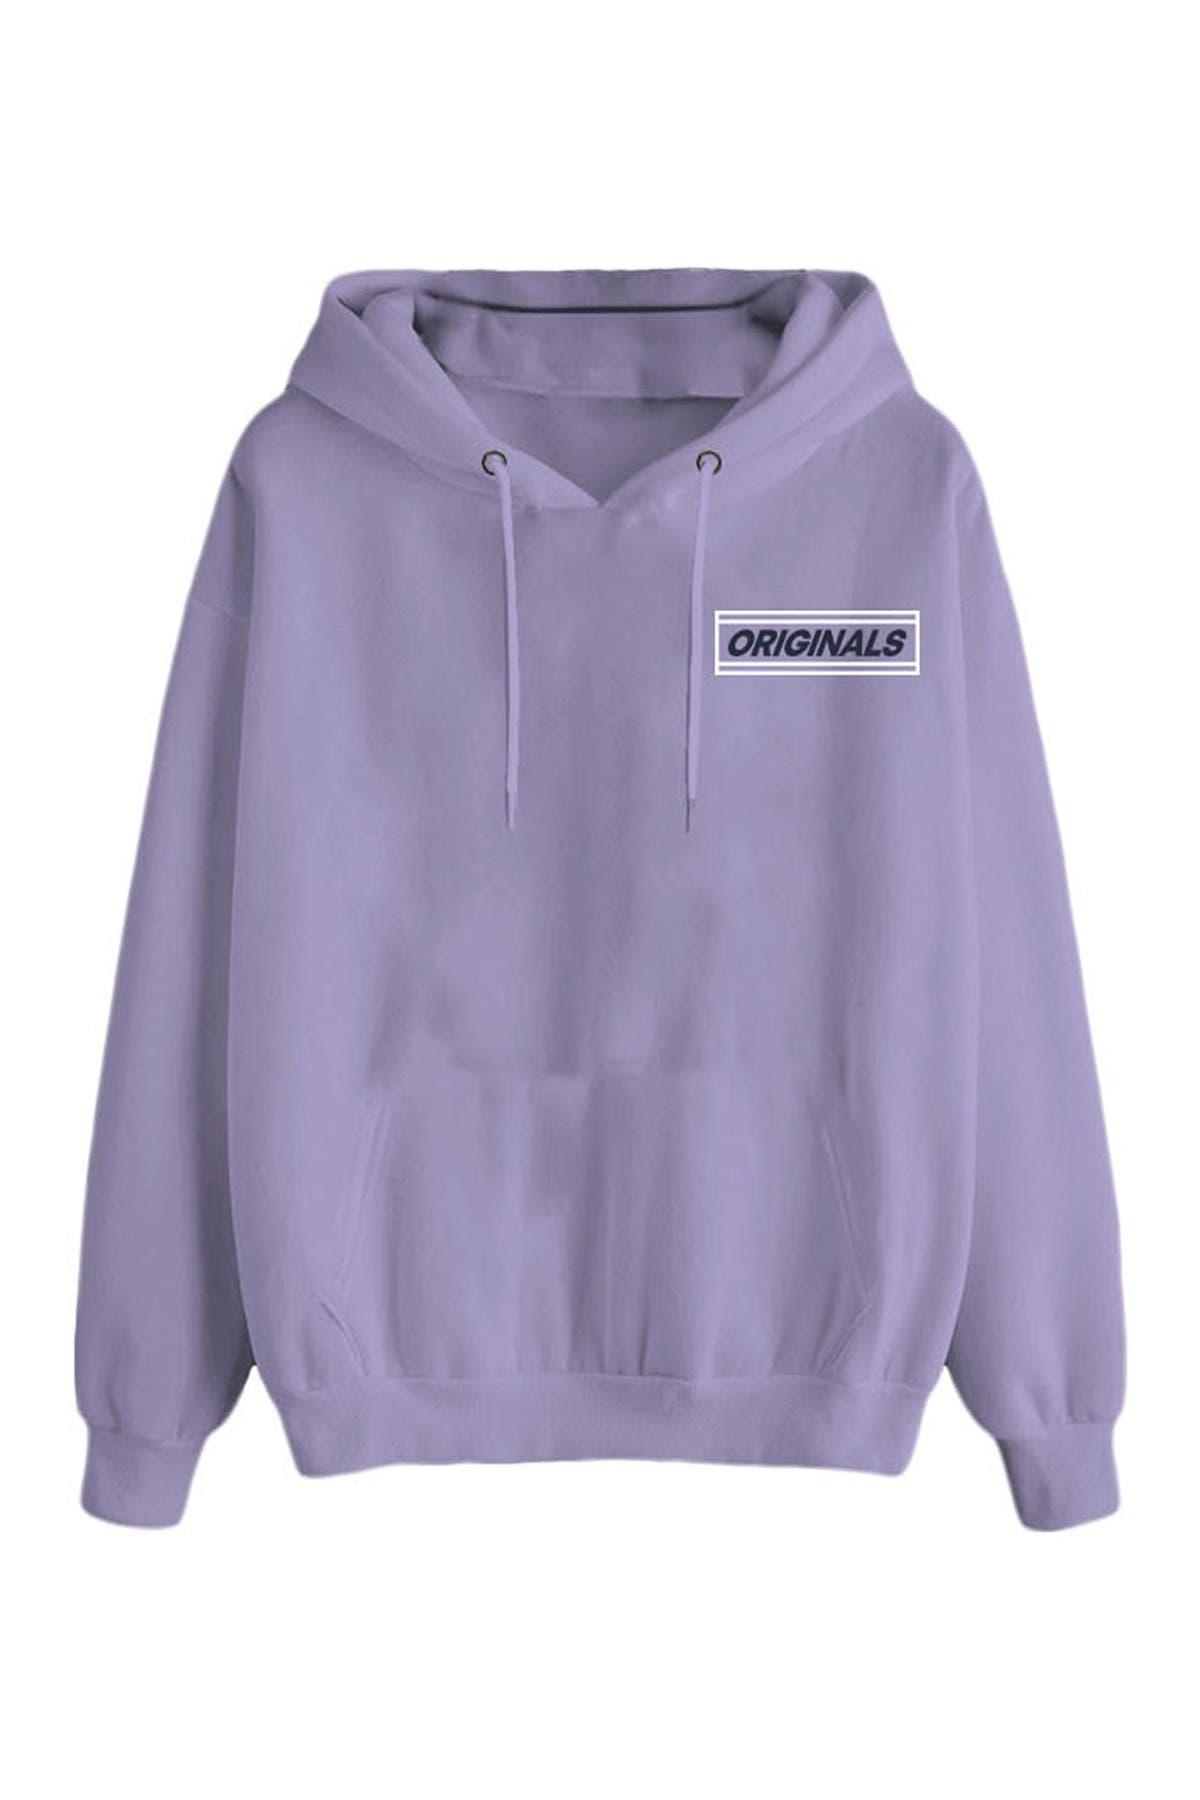 Image of JACK & JONES Graphic Hooded Sweatshirt